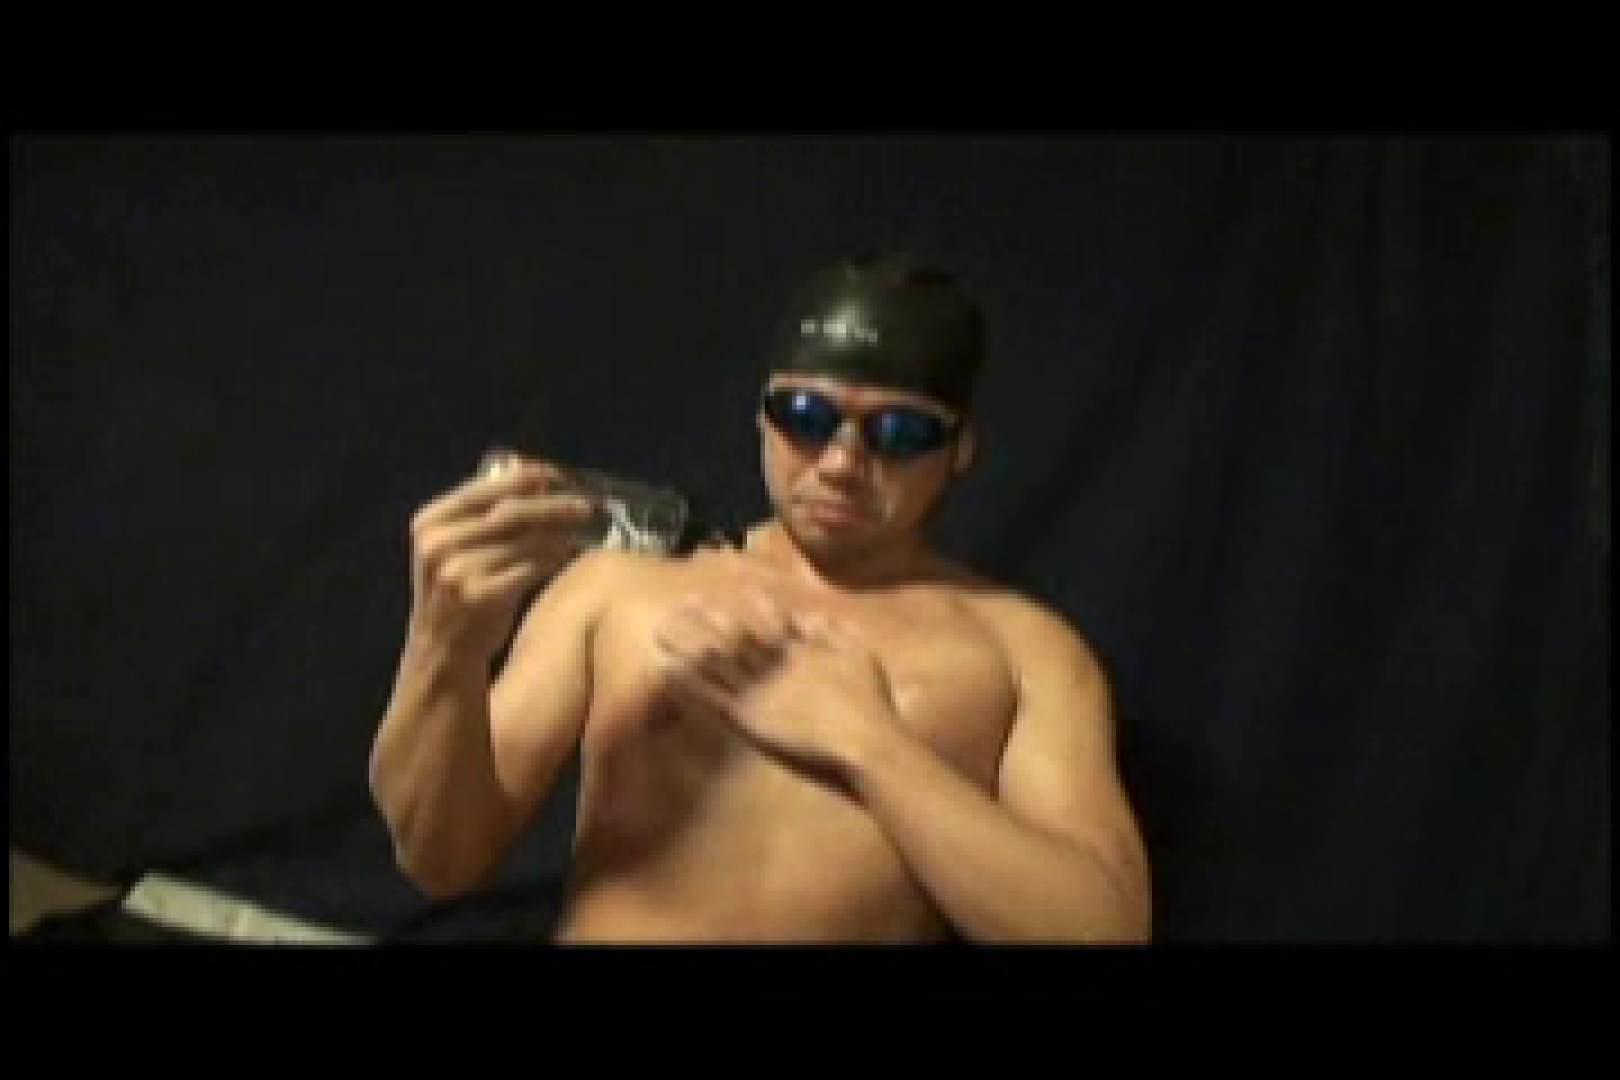 スジ筋ガチムチゴーグルマンvol6 チンコ動画 ゲイ無修正動画画像 99枚 3